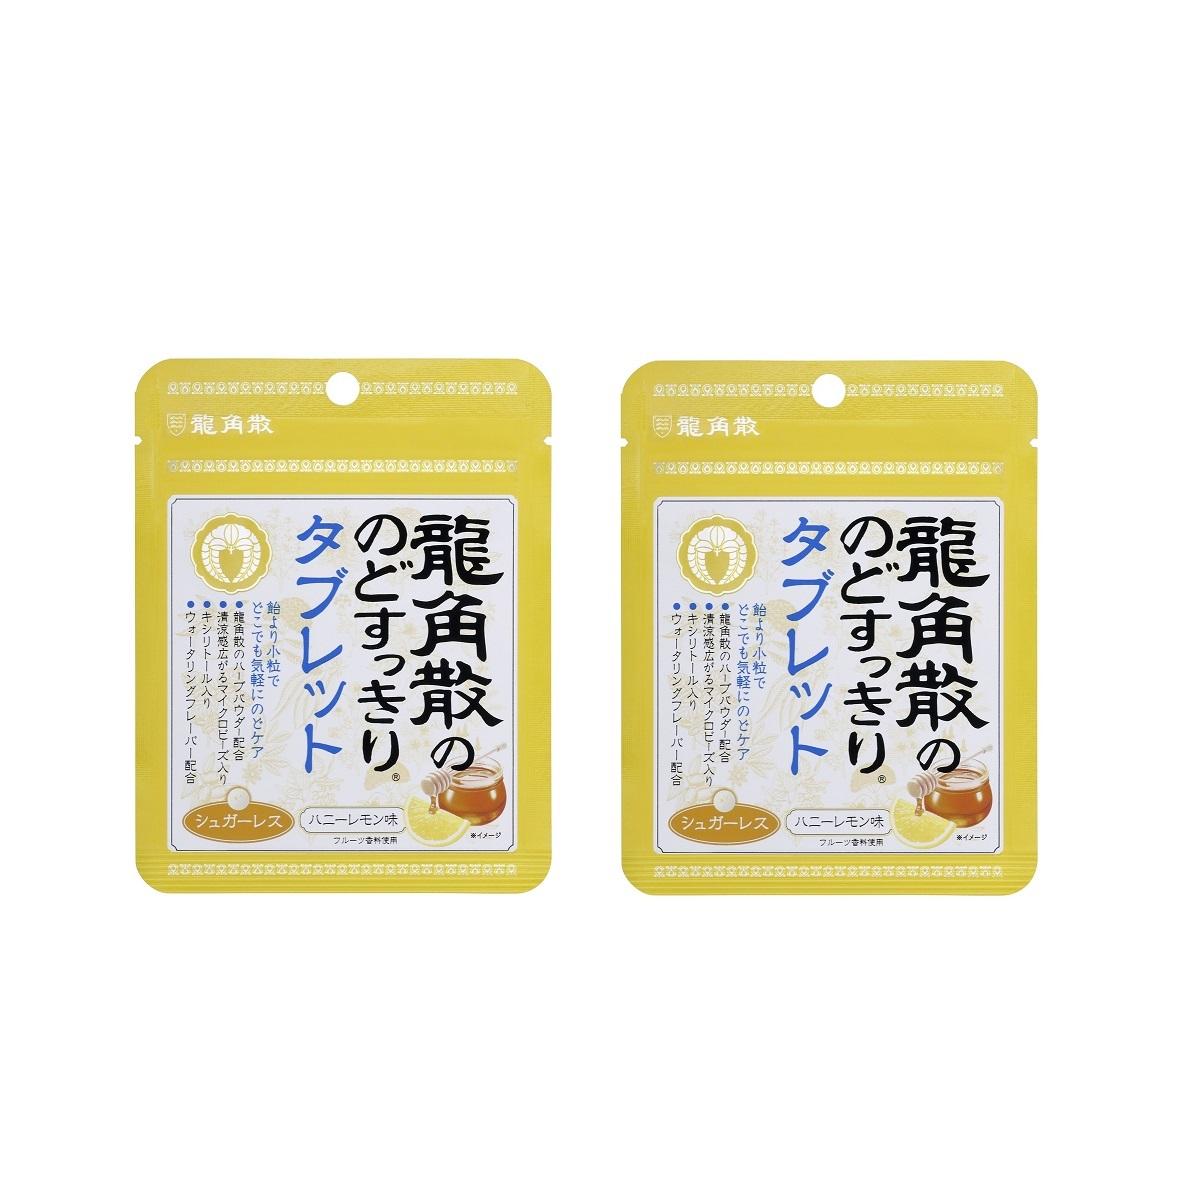 日本原裝正貨-龍角散®草本潤®無糖喉片(蜂蜜檸檬味) (10.4克) x2 (此日期前最佳: 31/3/2020)